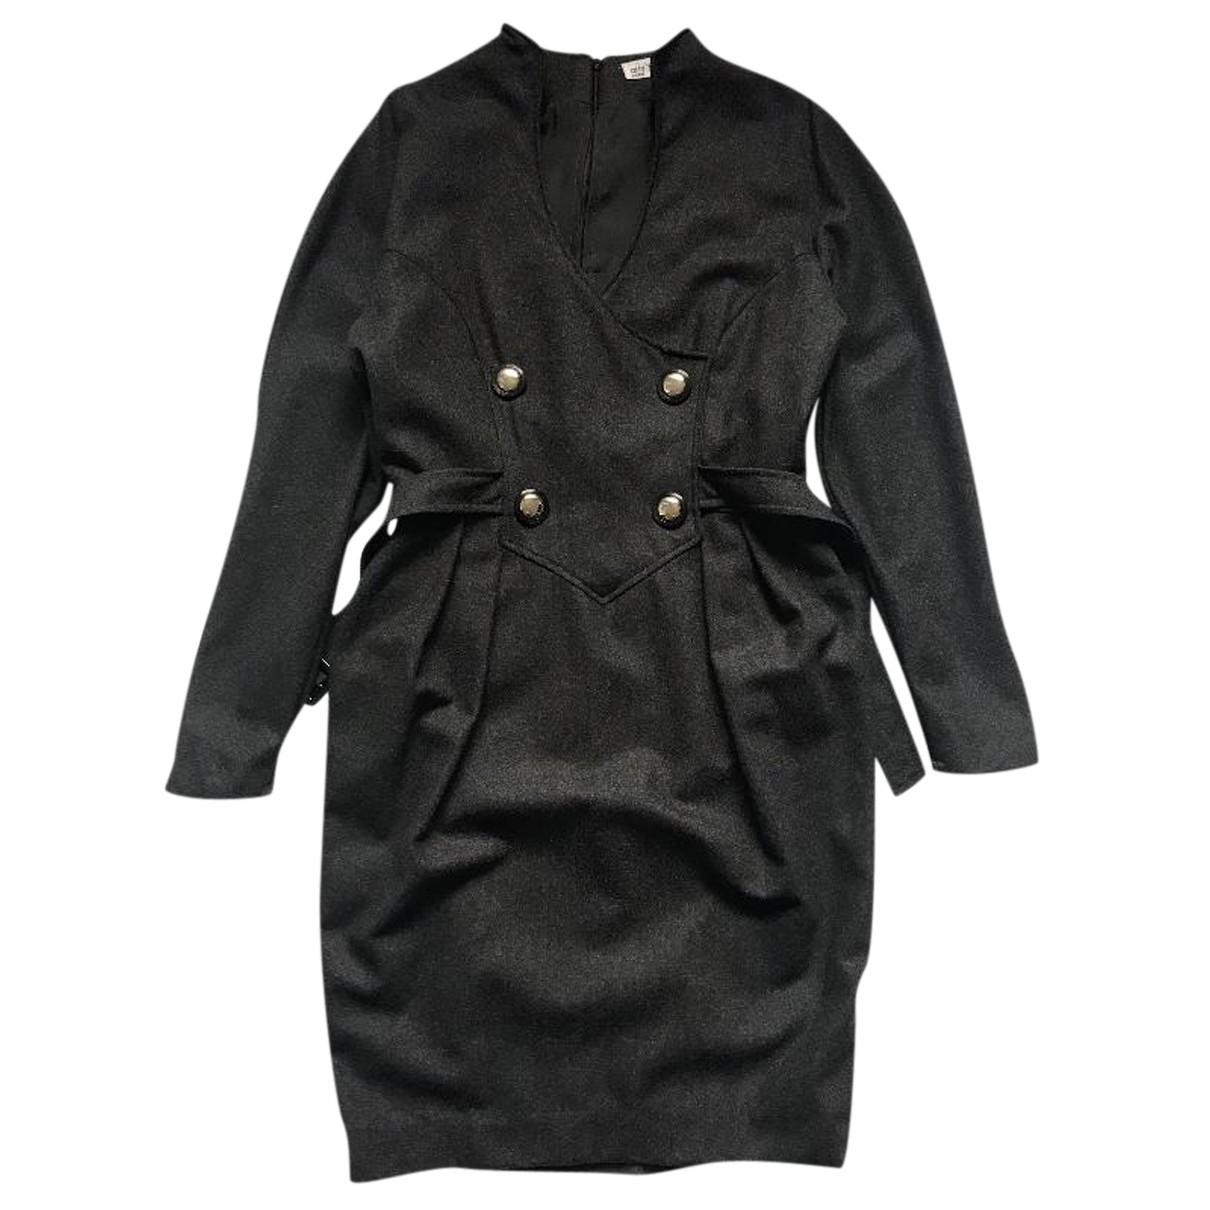 Guy Laroche \N Kleid in  Grau Wolle